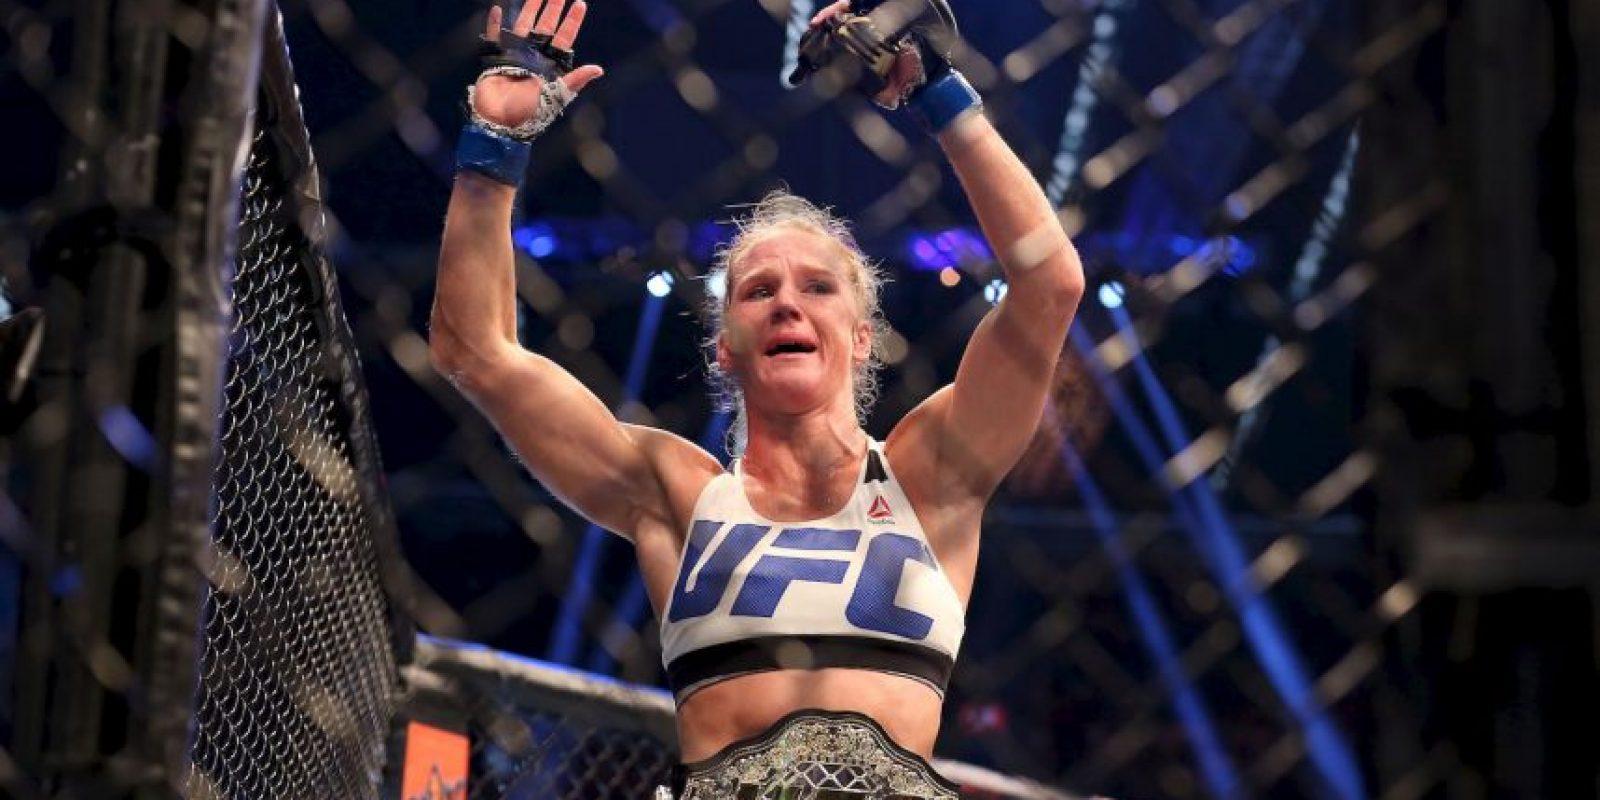 En las artes marciales mixtas tiene un récord de 10 peleas ganadas y ninguna perdida Foto:Getty Images